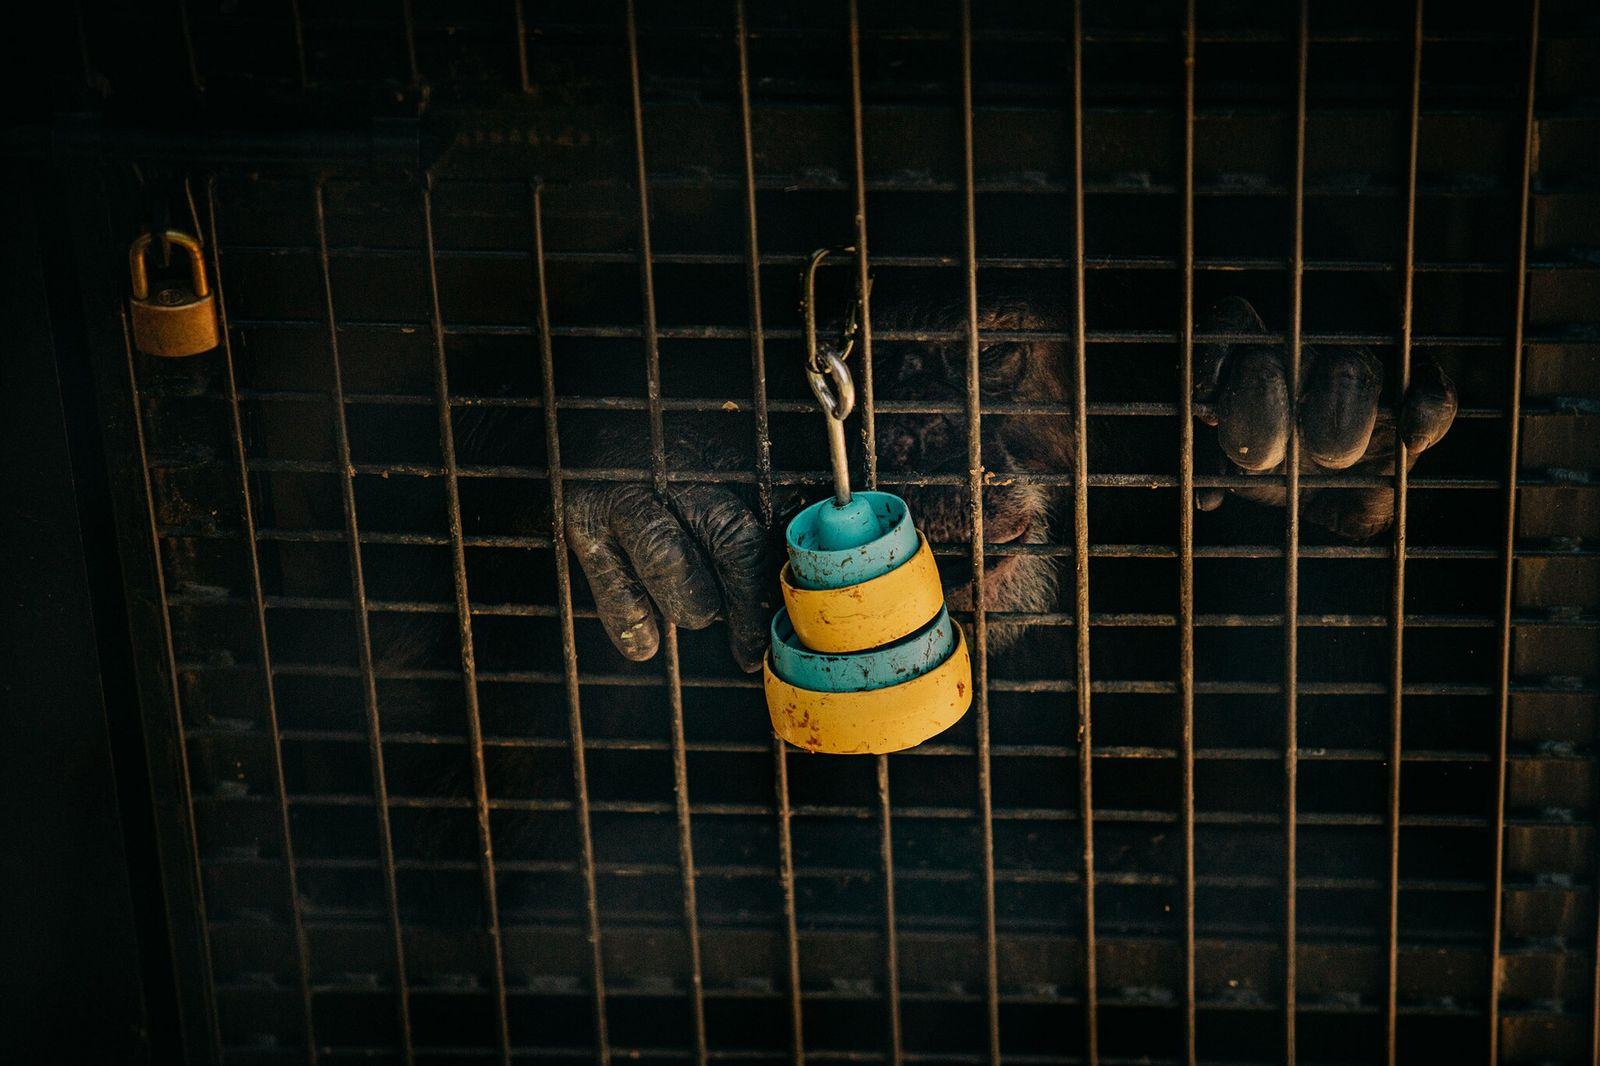 Fotografía de un chimpancé de laboratorio retirado